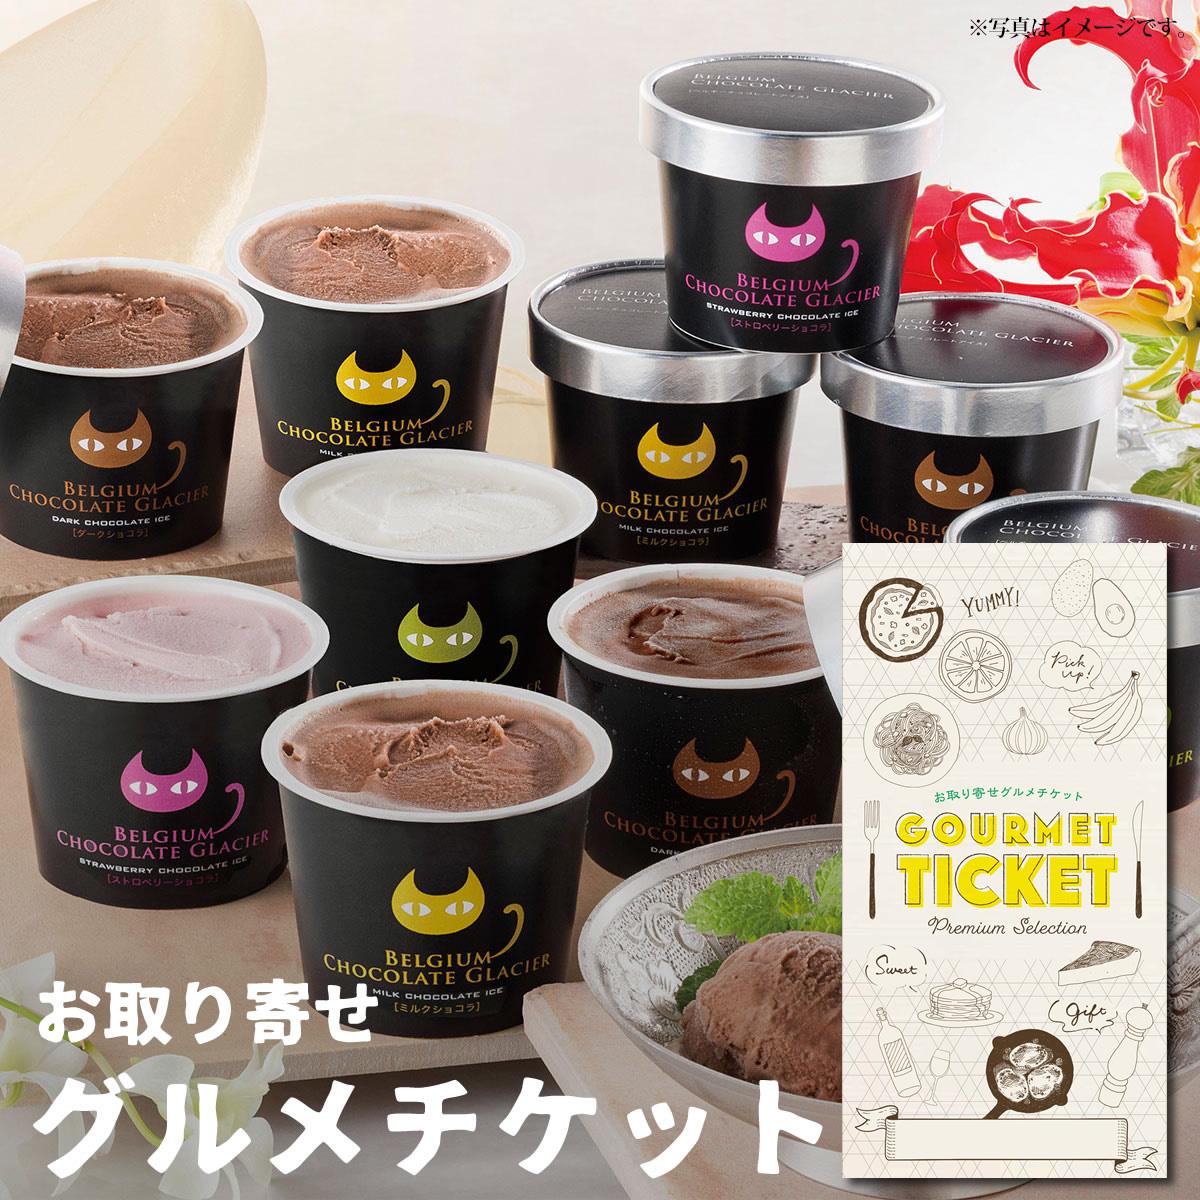 自宅で申し込めるアイスのギフト券!お取り寄せグルメチケット「アイスクリーム」おすすめランキングTOP10!